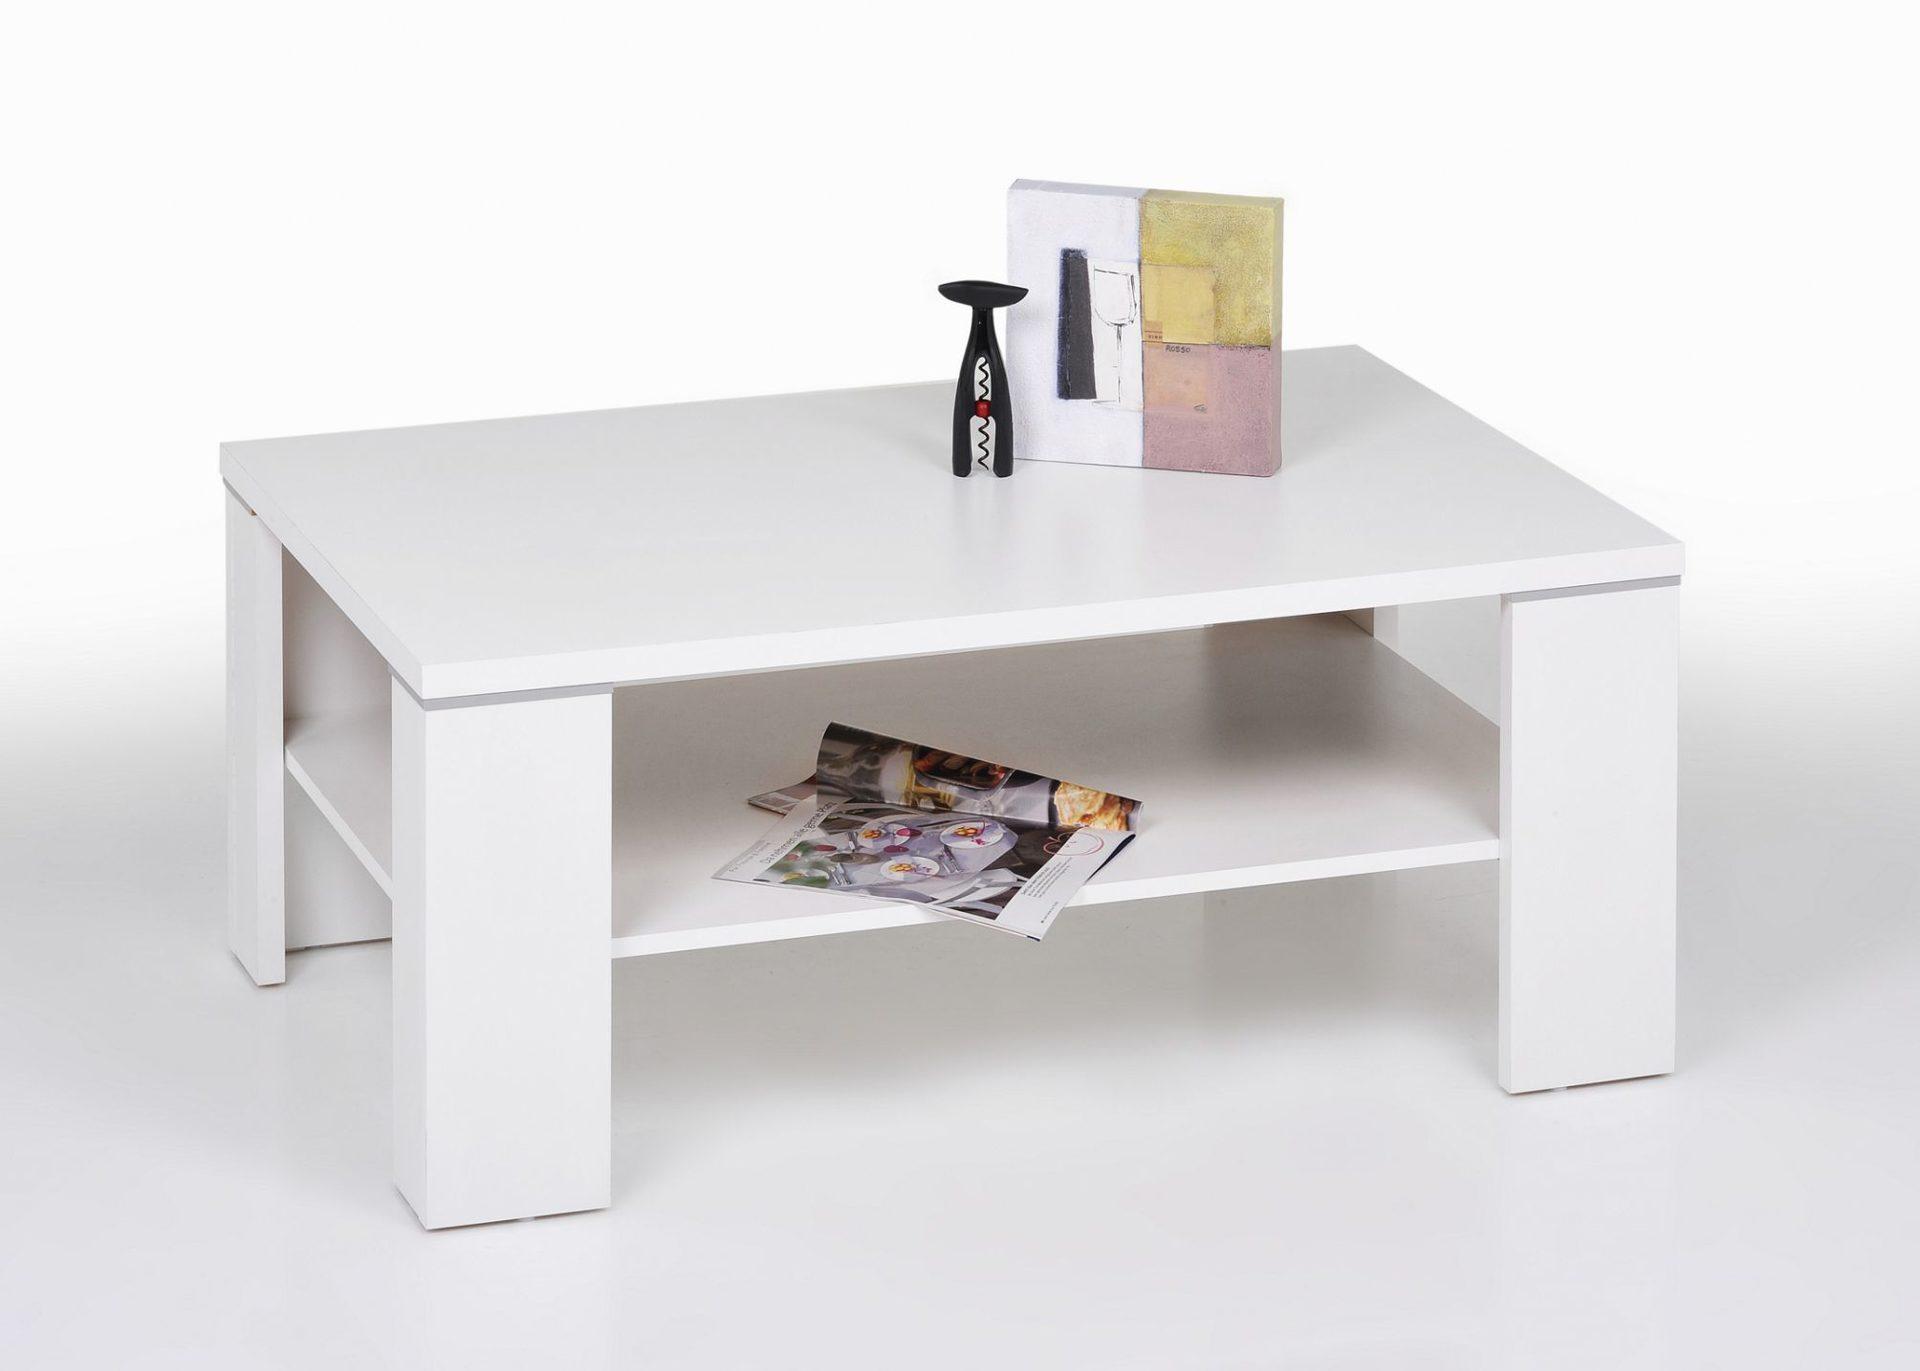 Hervorragend Möbel Hermes , Tisch Sets, Wohnzimmertisch Für Modernes Wohnen,  Wohnzimmertisch, Wohnzimmertisch Für Modernes Wohnen, Weiße  Kunststoffoberfläche, Ca.